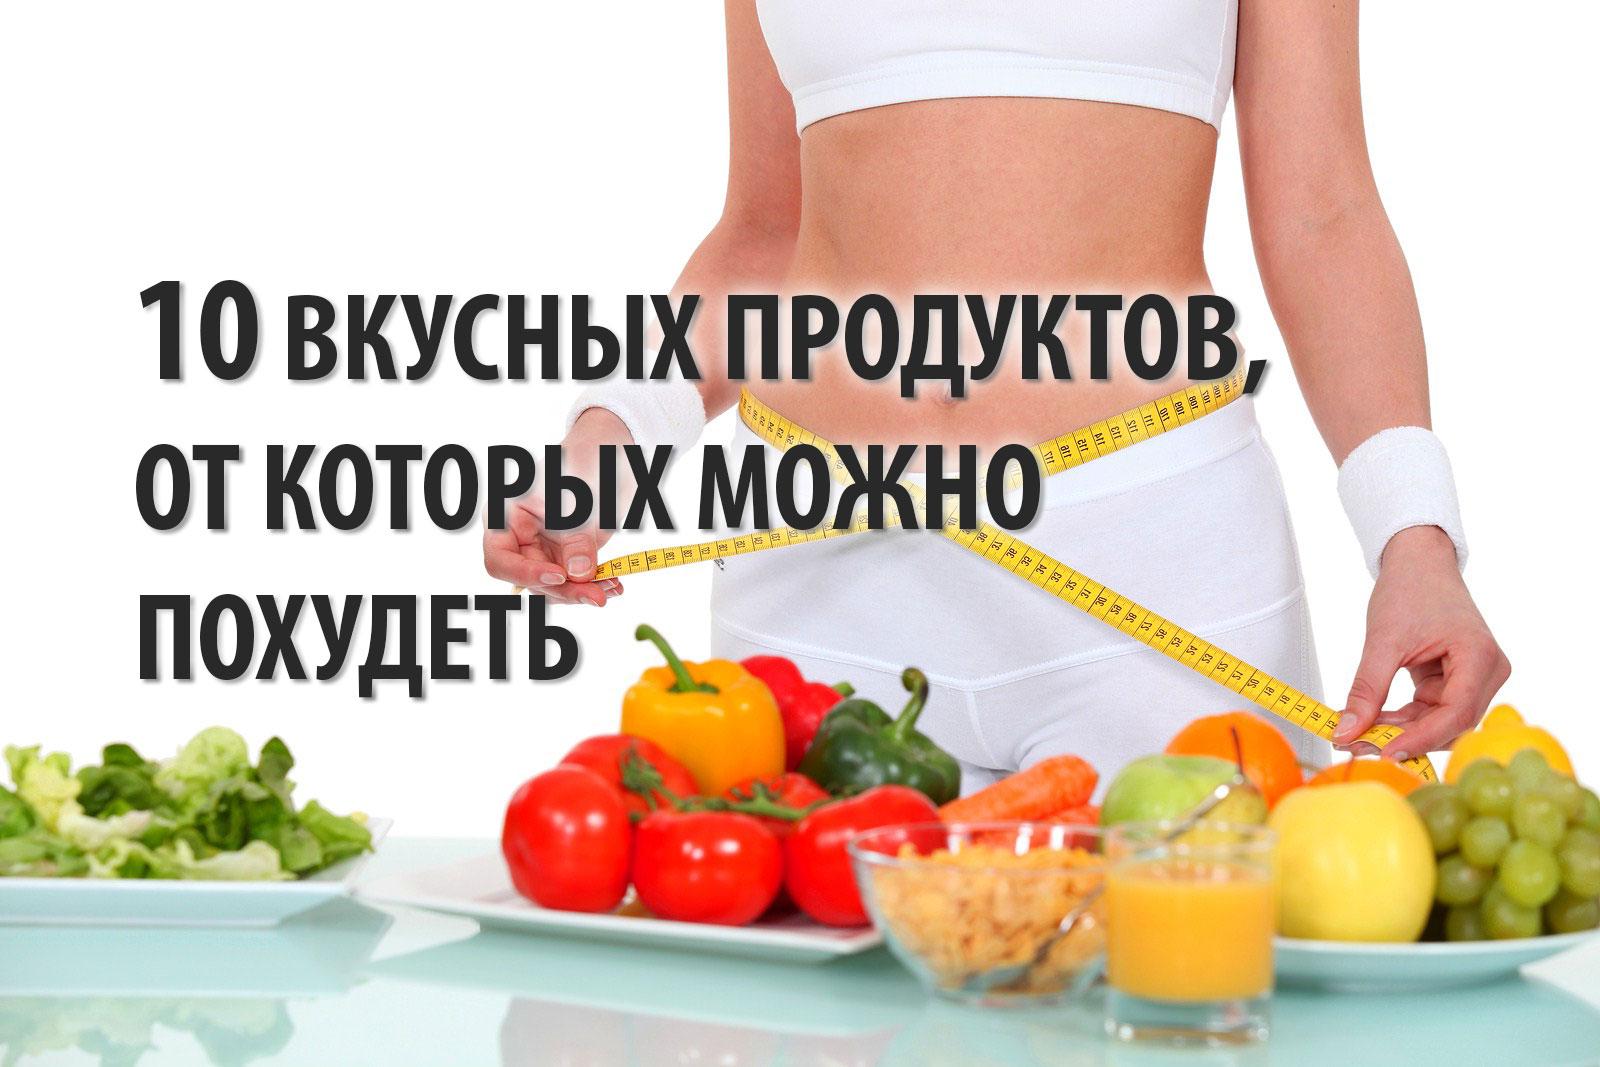 Как правильно питаться чтобы похудеть: 10 советов диетолога